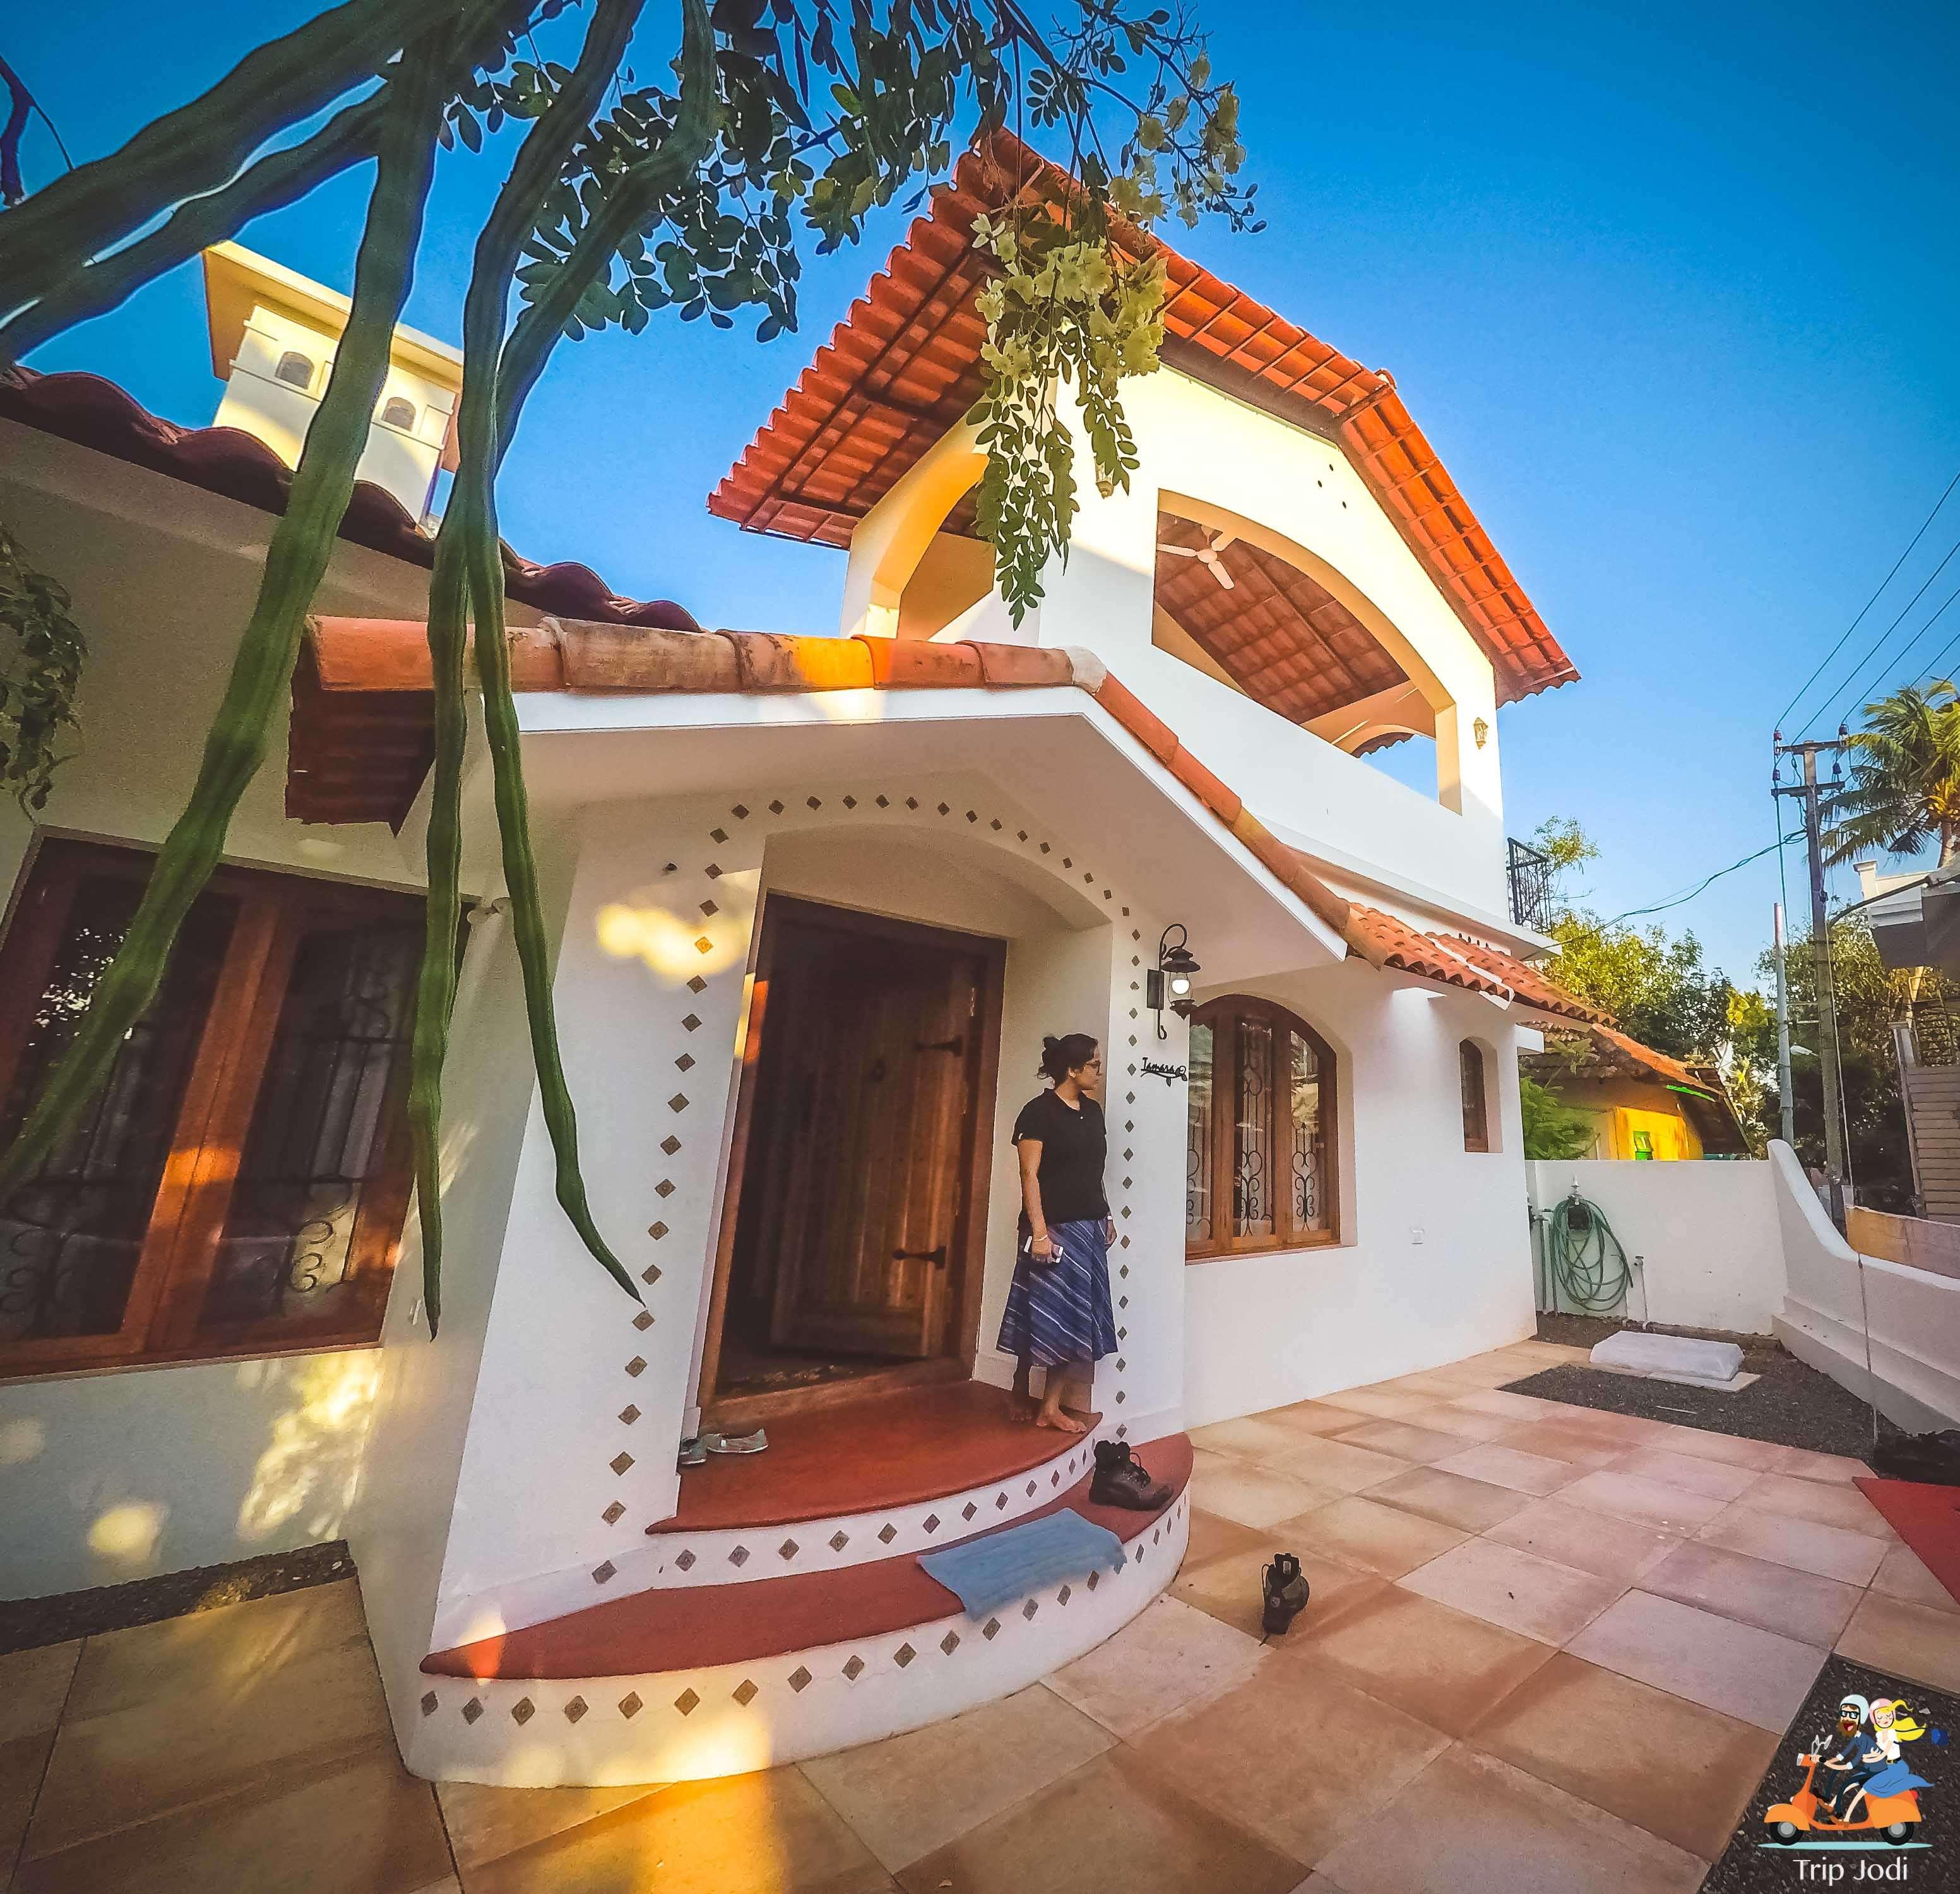 Syzygy Ecosports: Tamara Home Away Home At Kerala